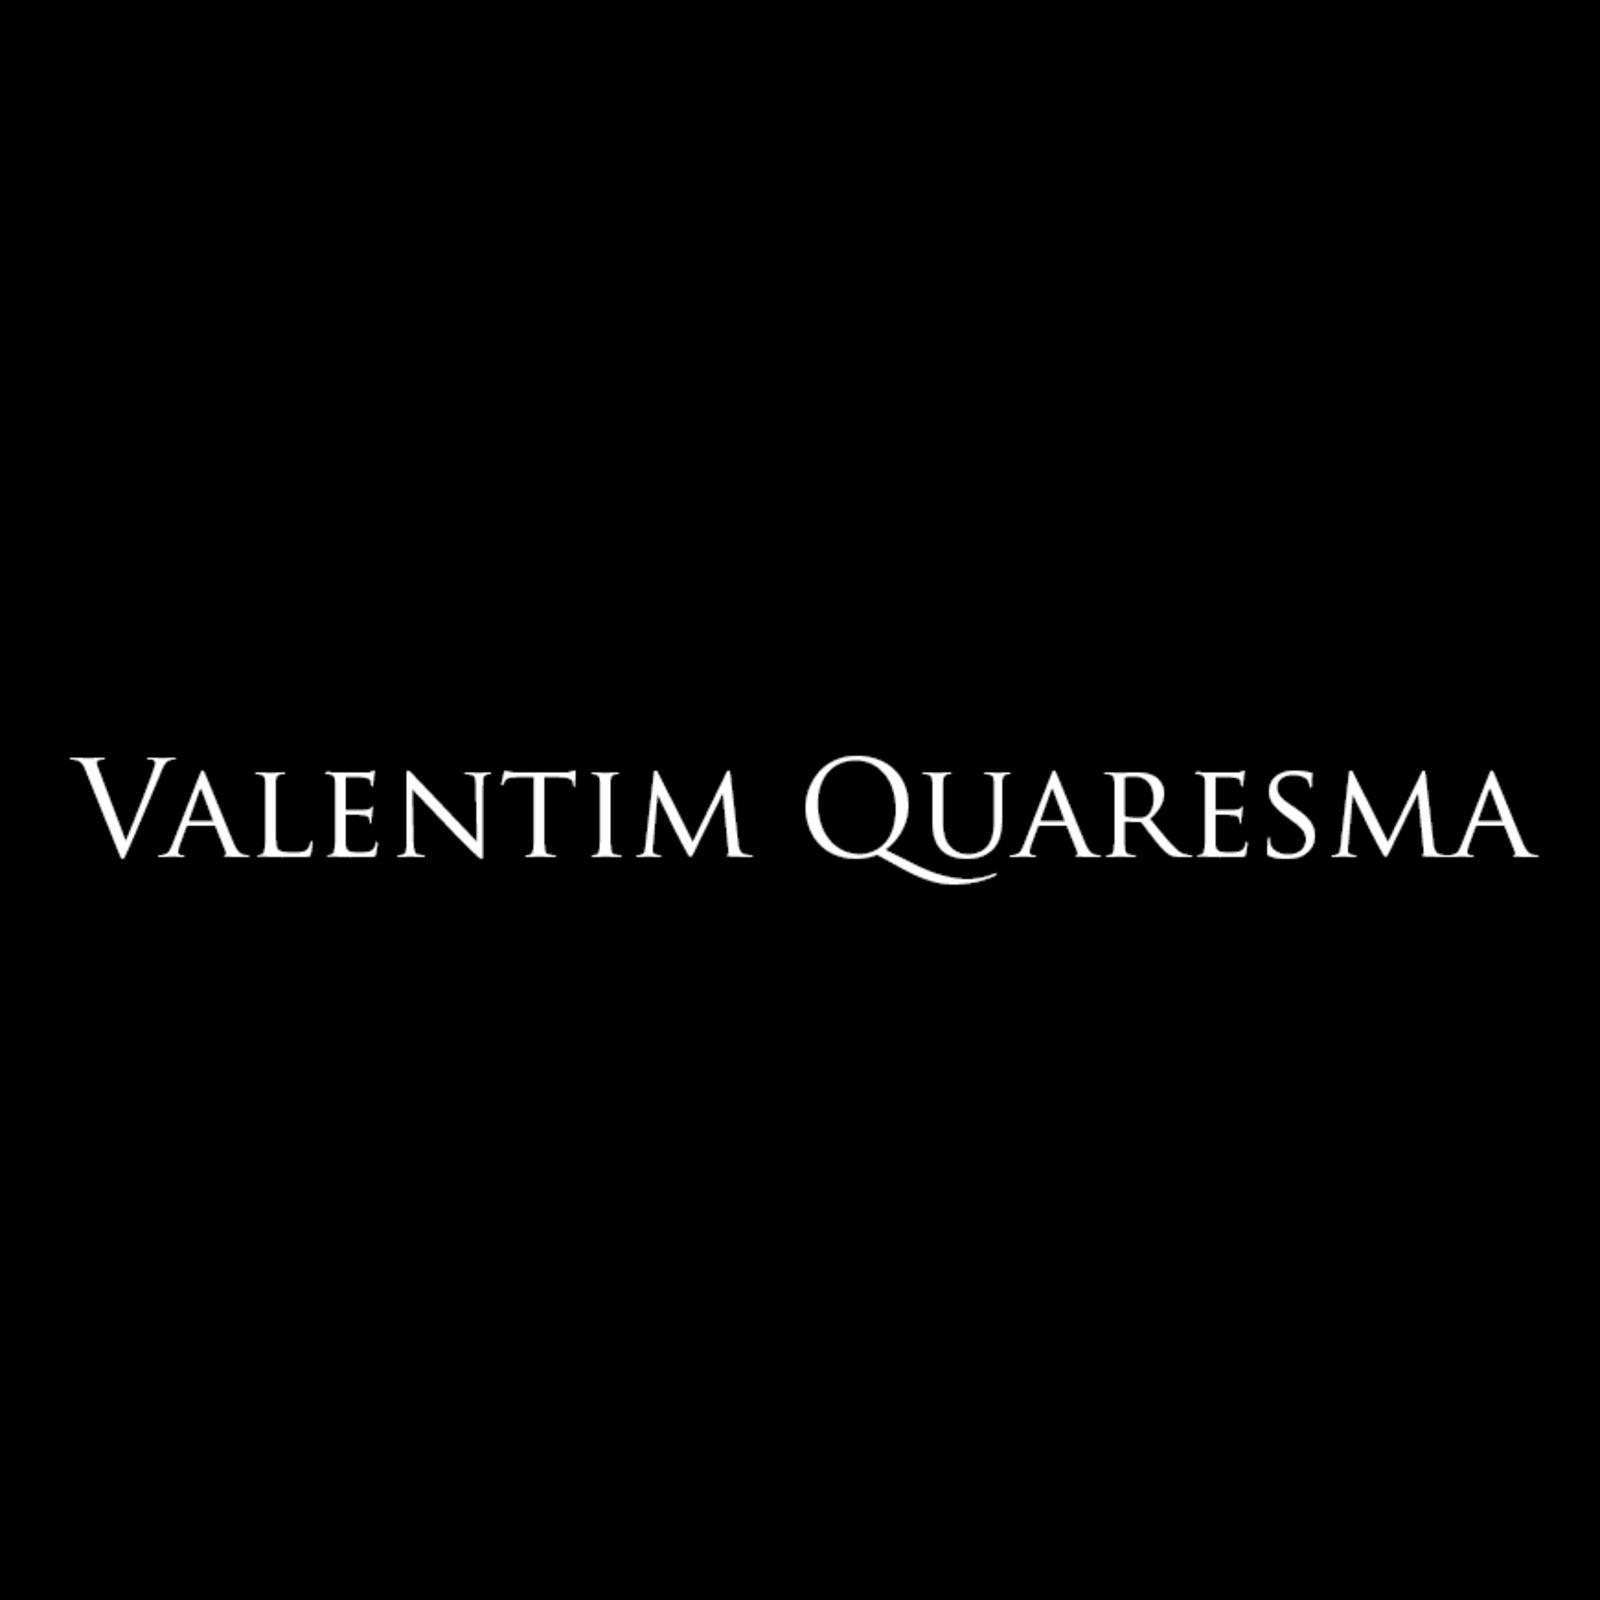 Valentim Quaresma